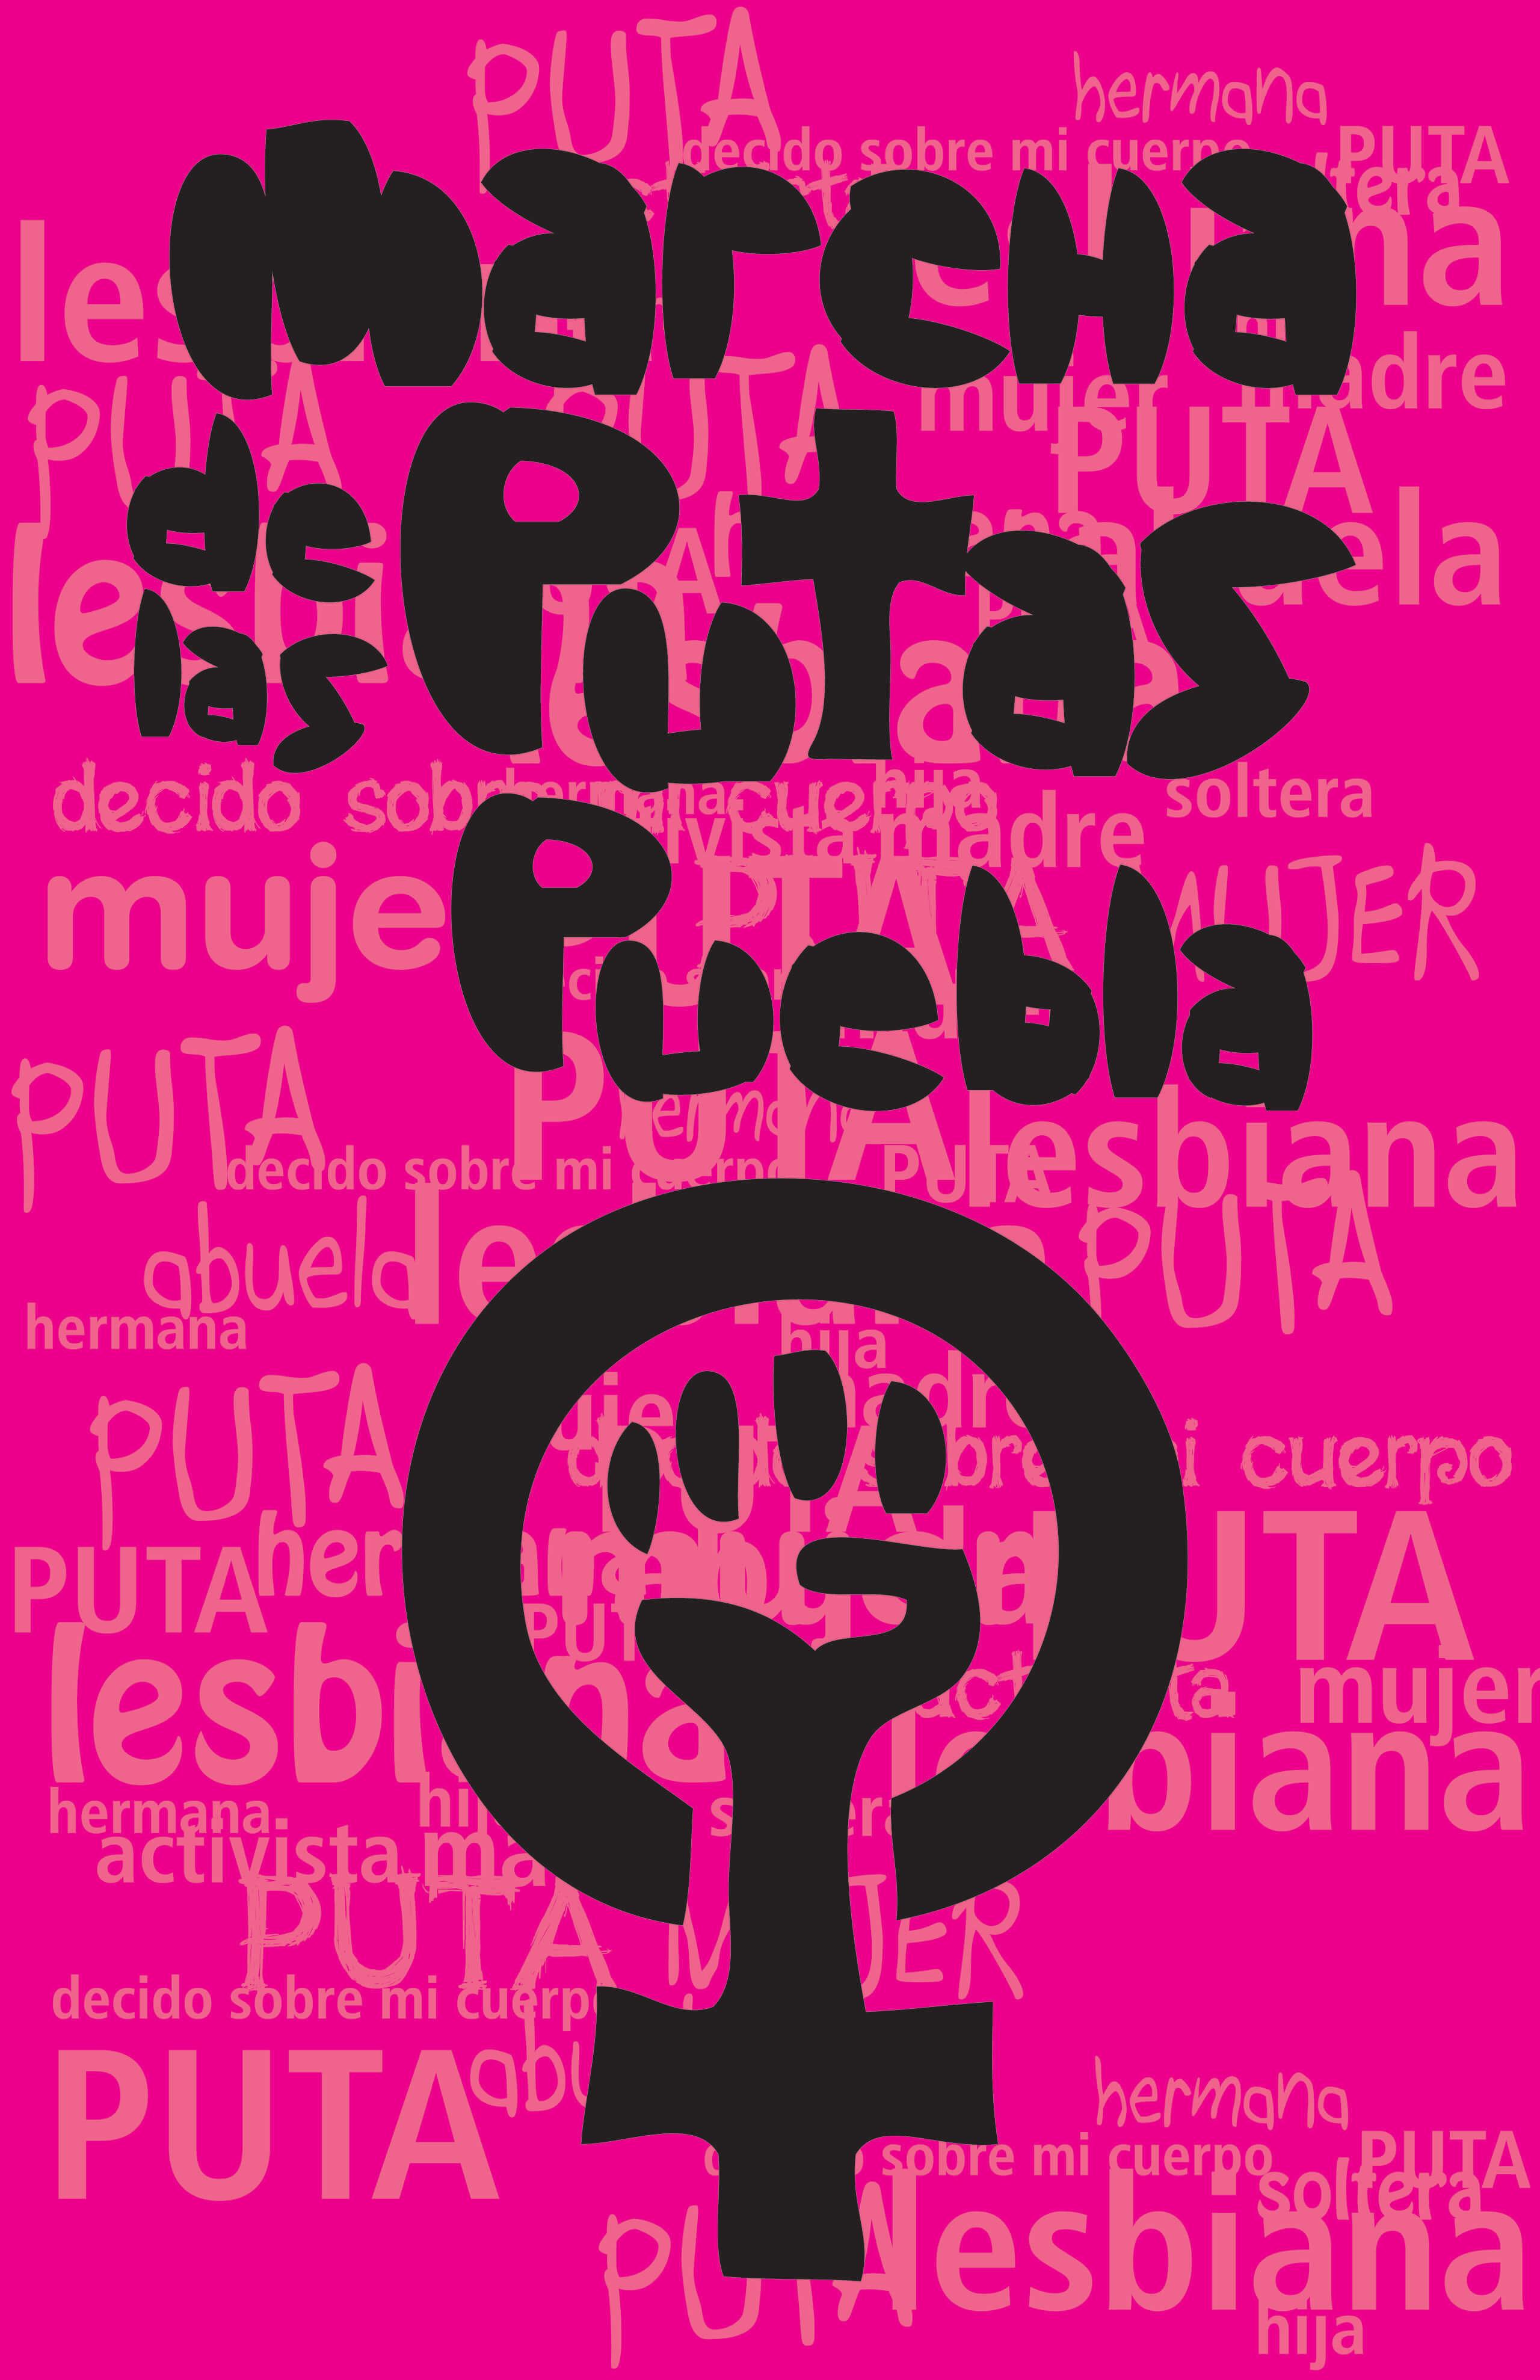 Imágenes documentales de la Marcha de las Putas | La demanda inasumible. Imaginación social y autogestión gráfica en México, 1968-2018 | Museo Amparo, Puebla